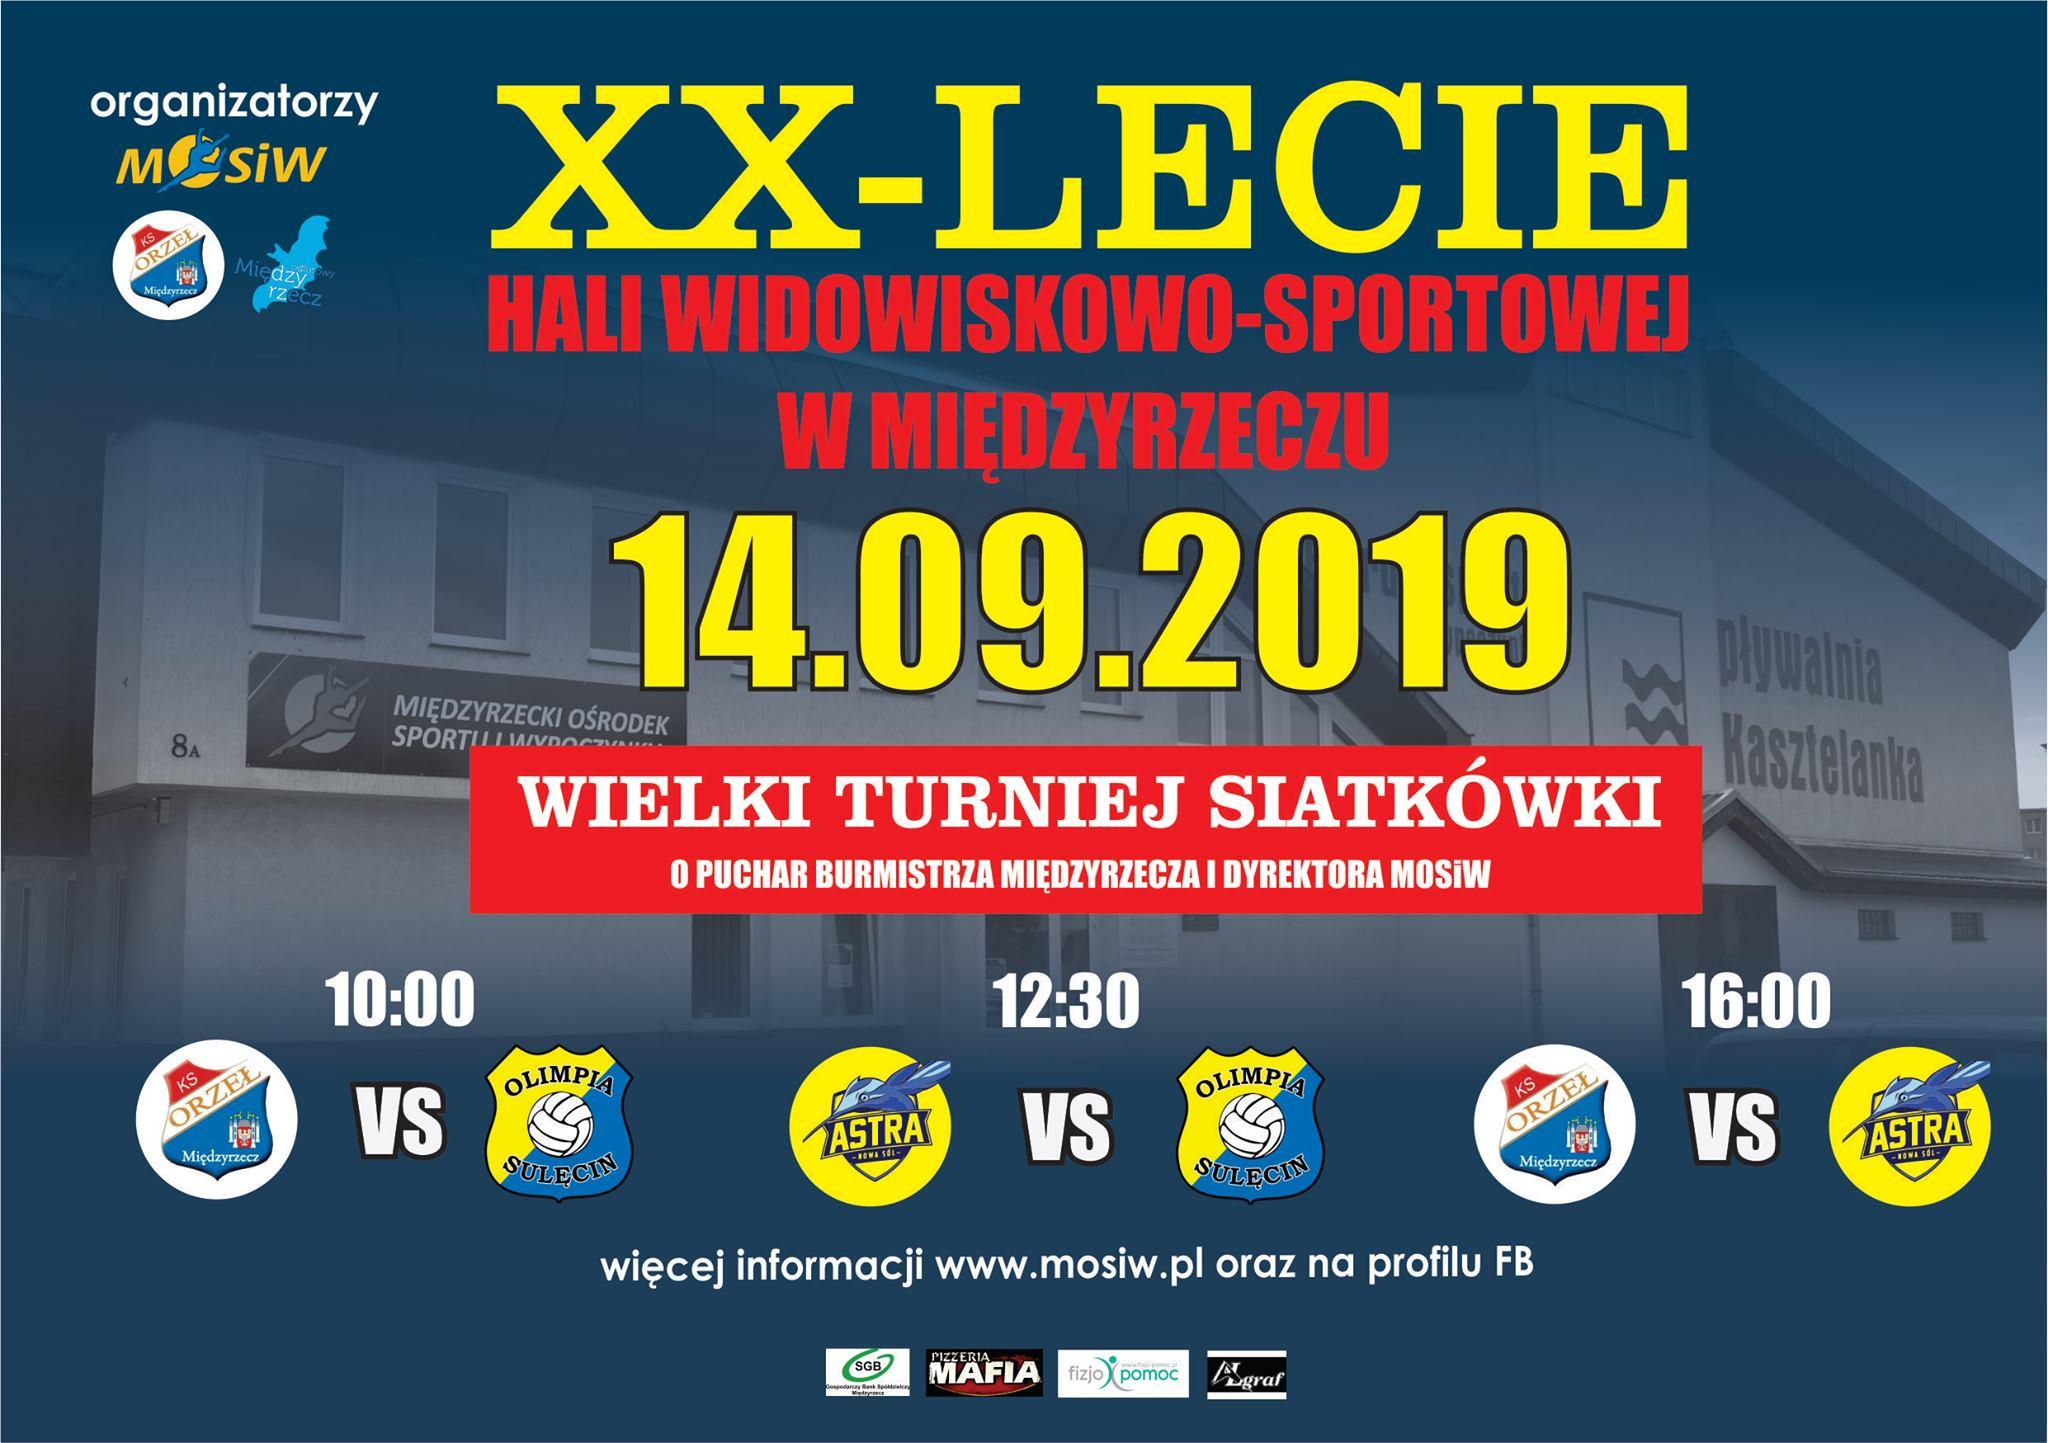 Ilustracja do informacji: Turniej Siatkarski z okazji XX-lecia Hali Widowiskowo Sportowej w Międzyrzeczu.